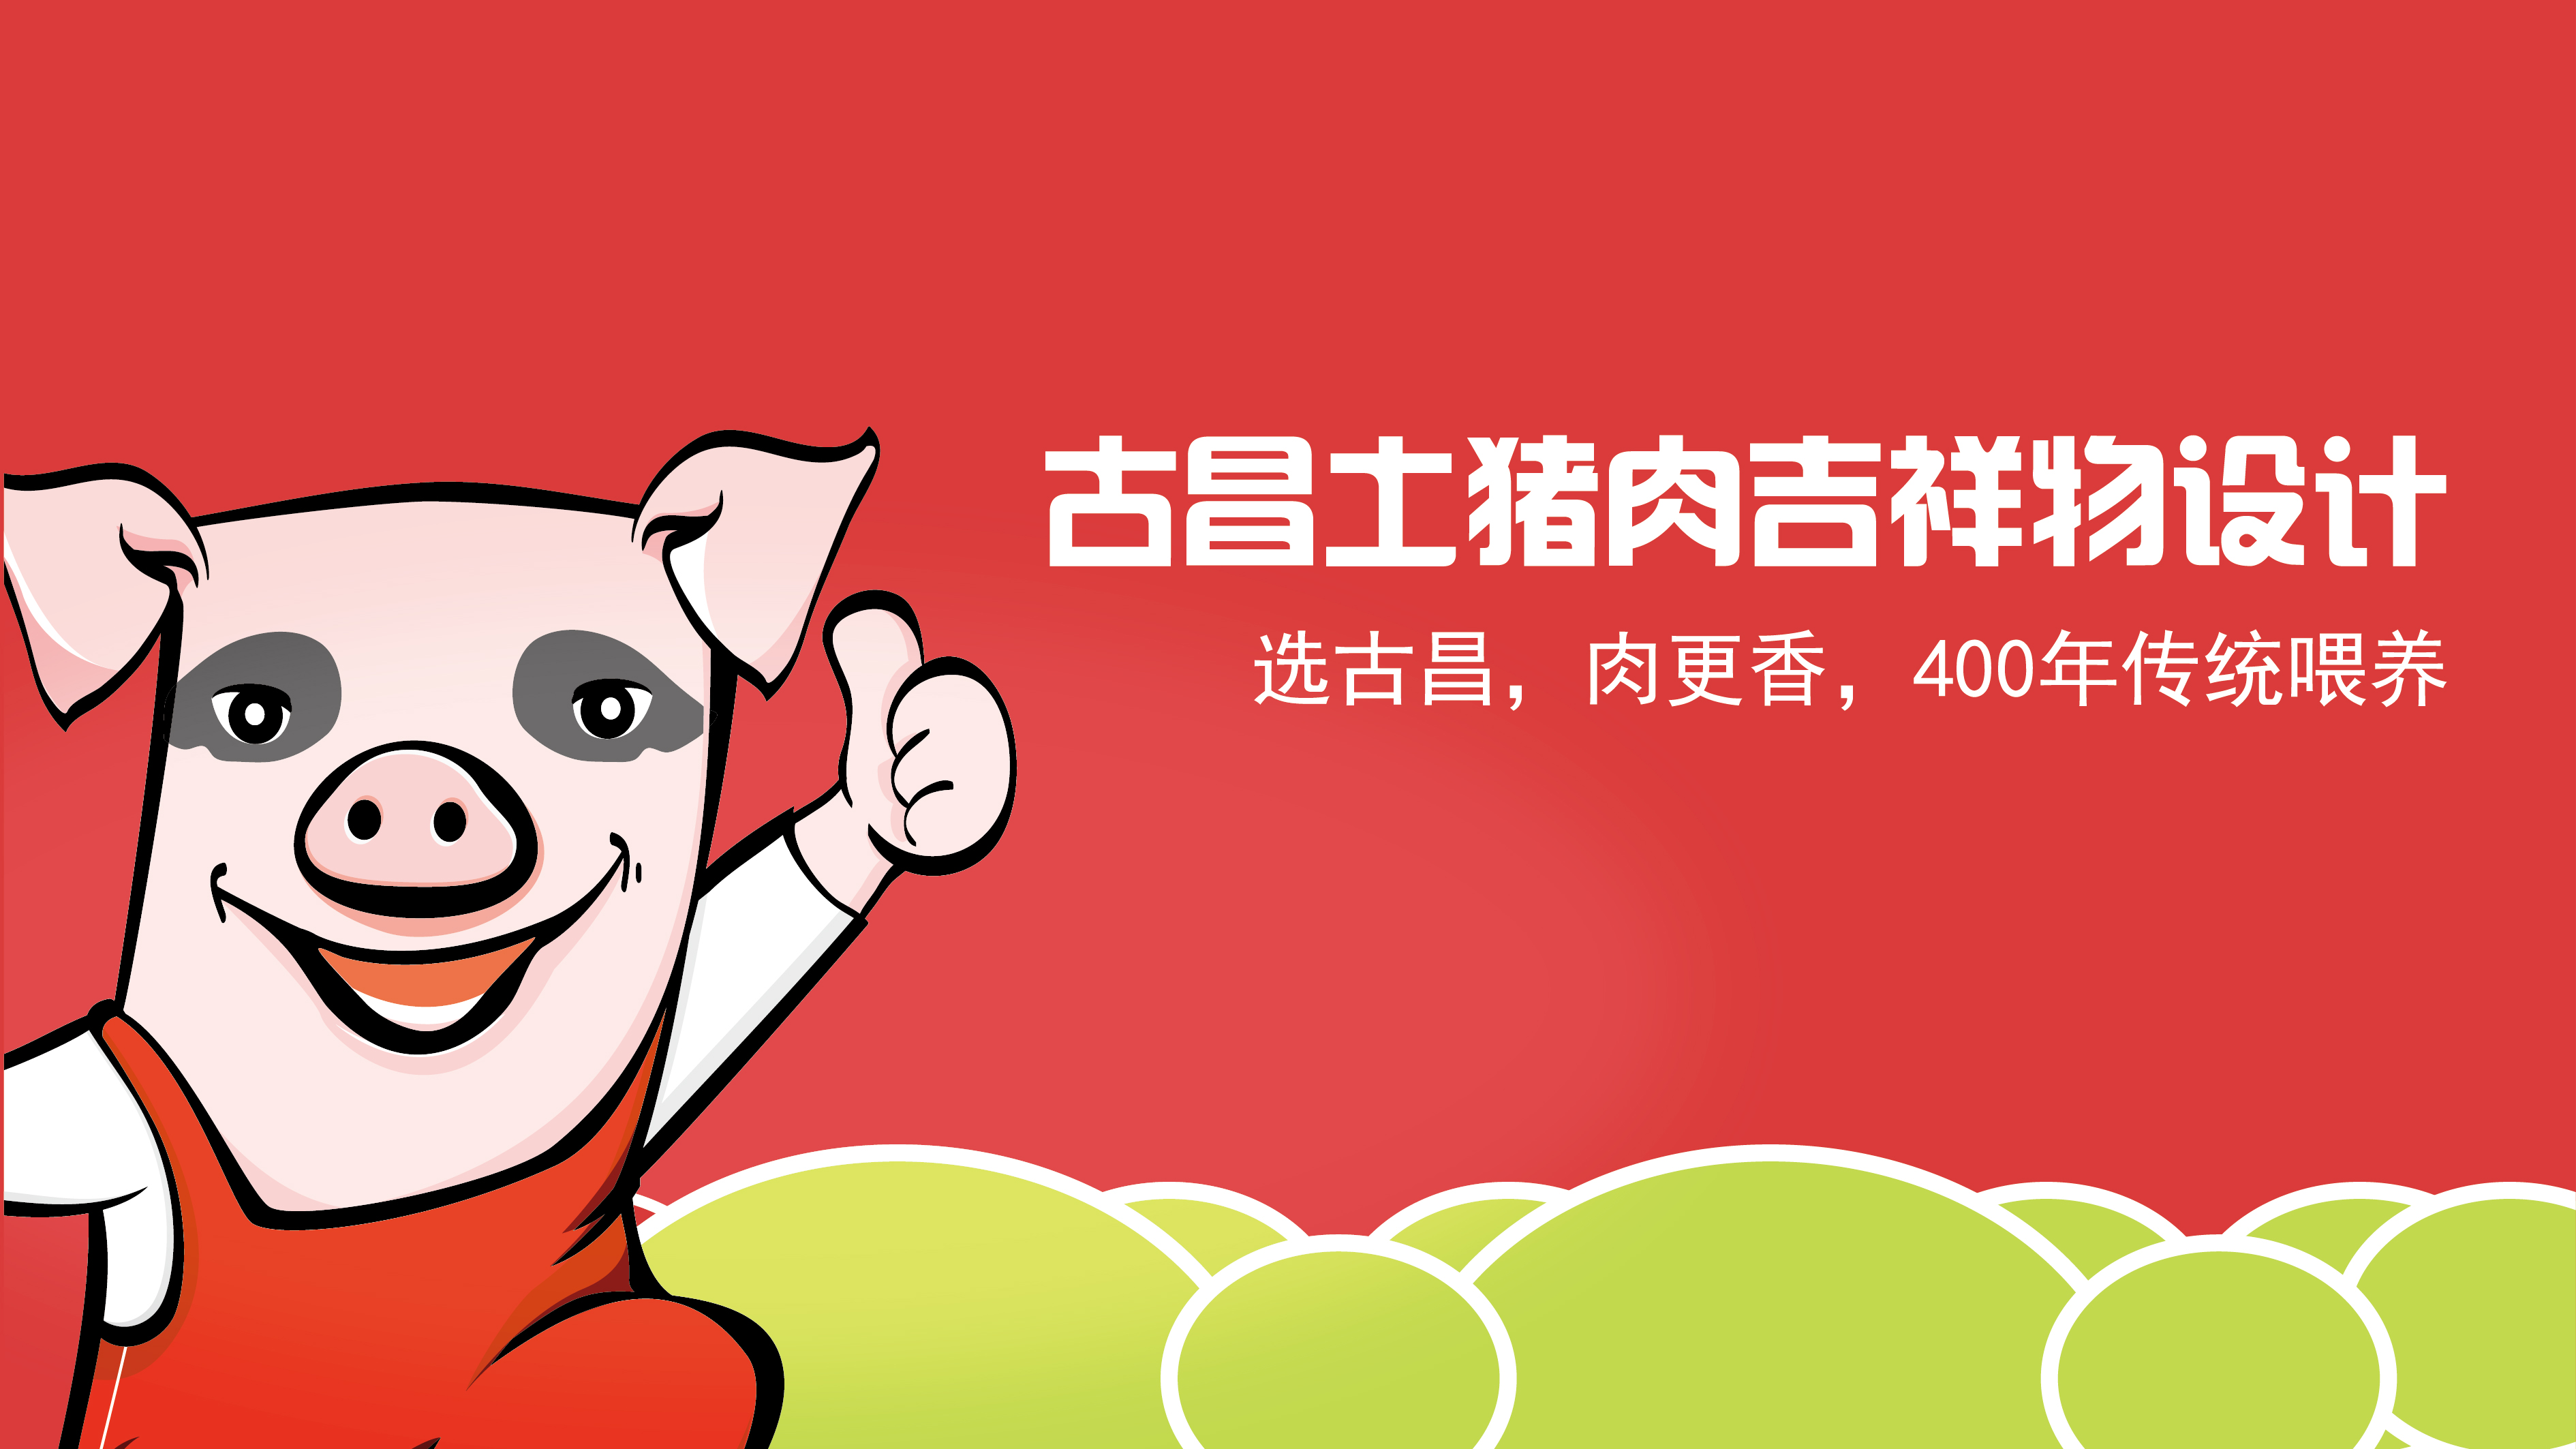 古昌土猪肉+食品+卡通形象设计